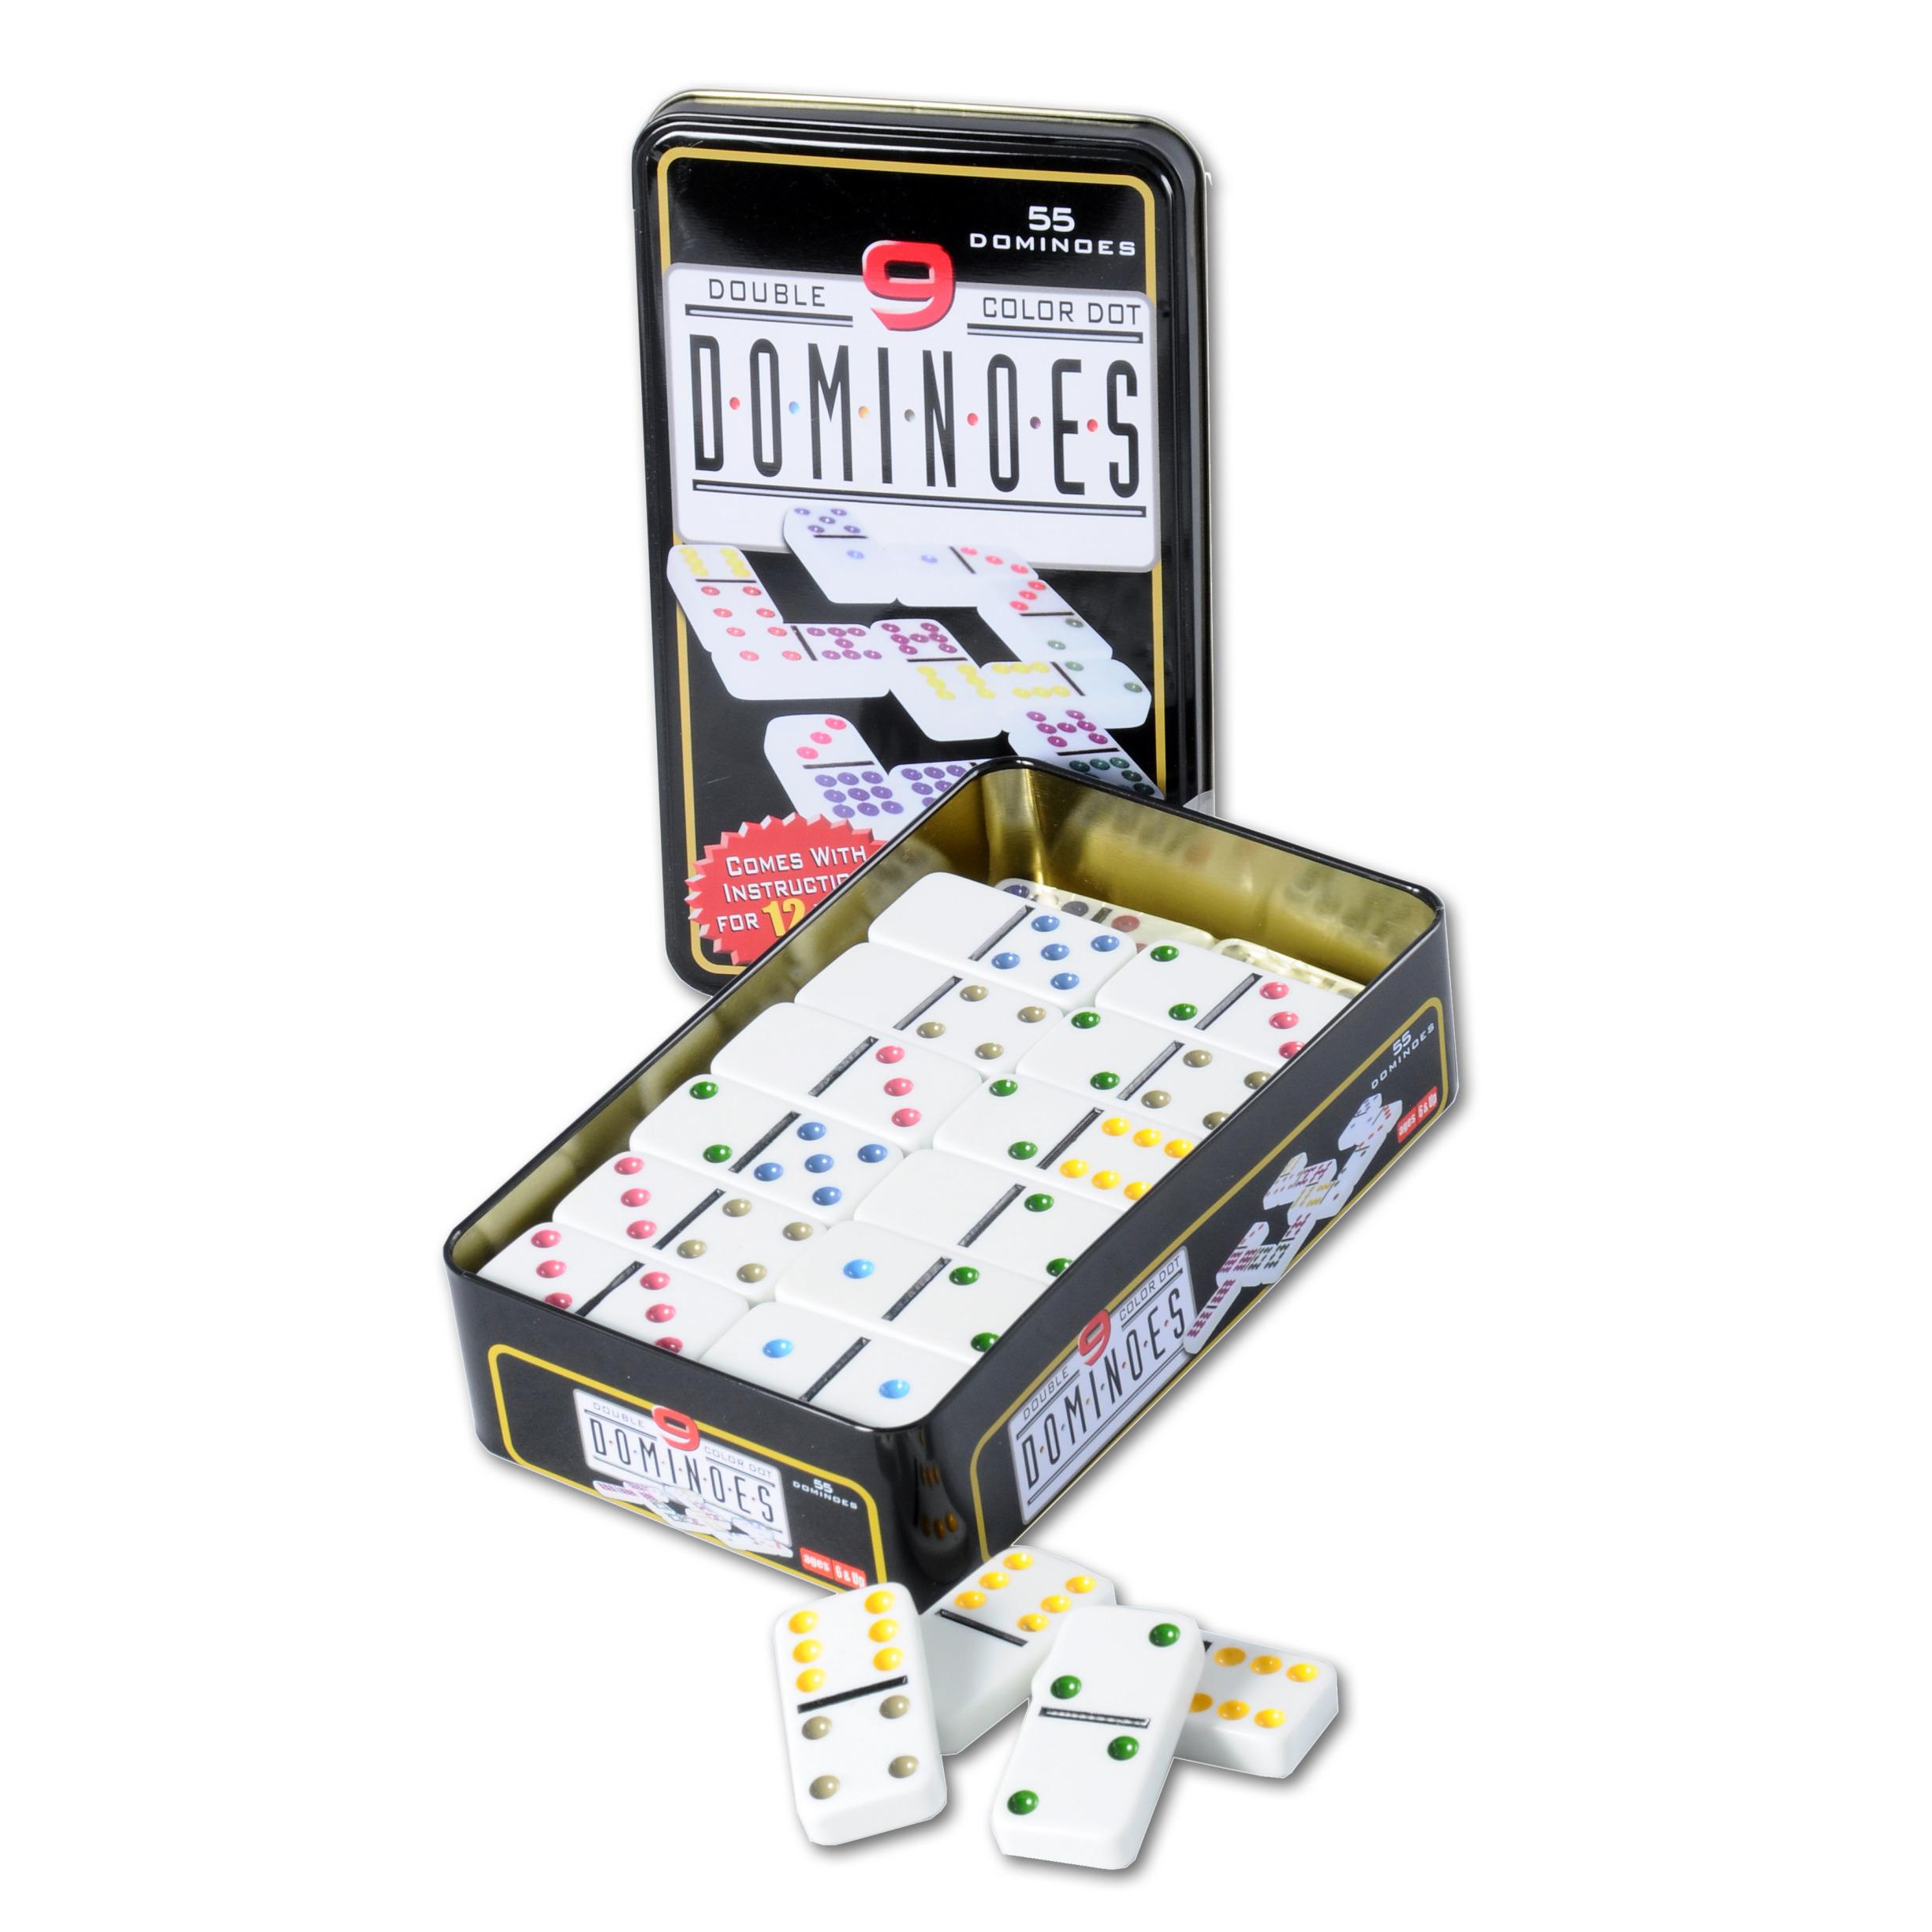 Domino spel dubbel double 9 in blik en 55x gekleurde stenen